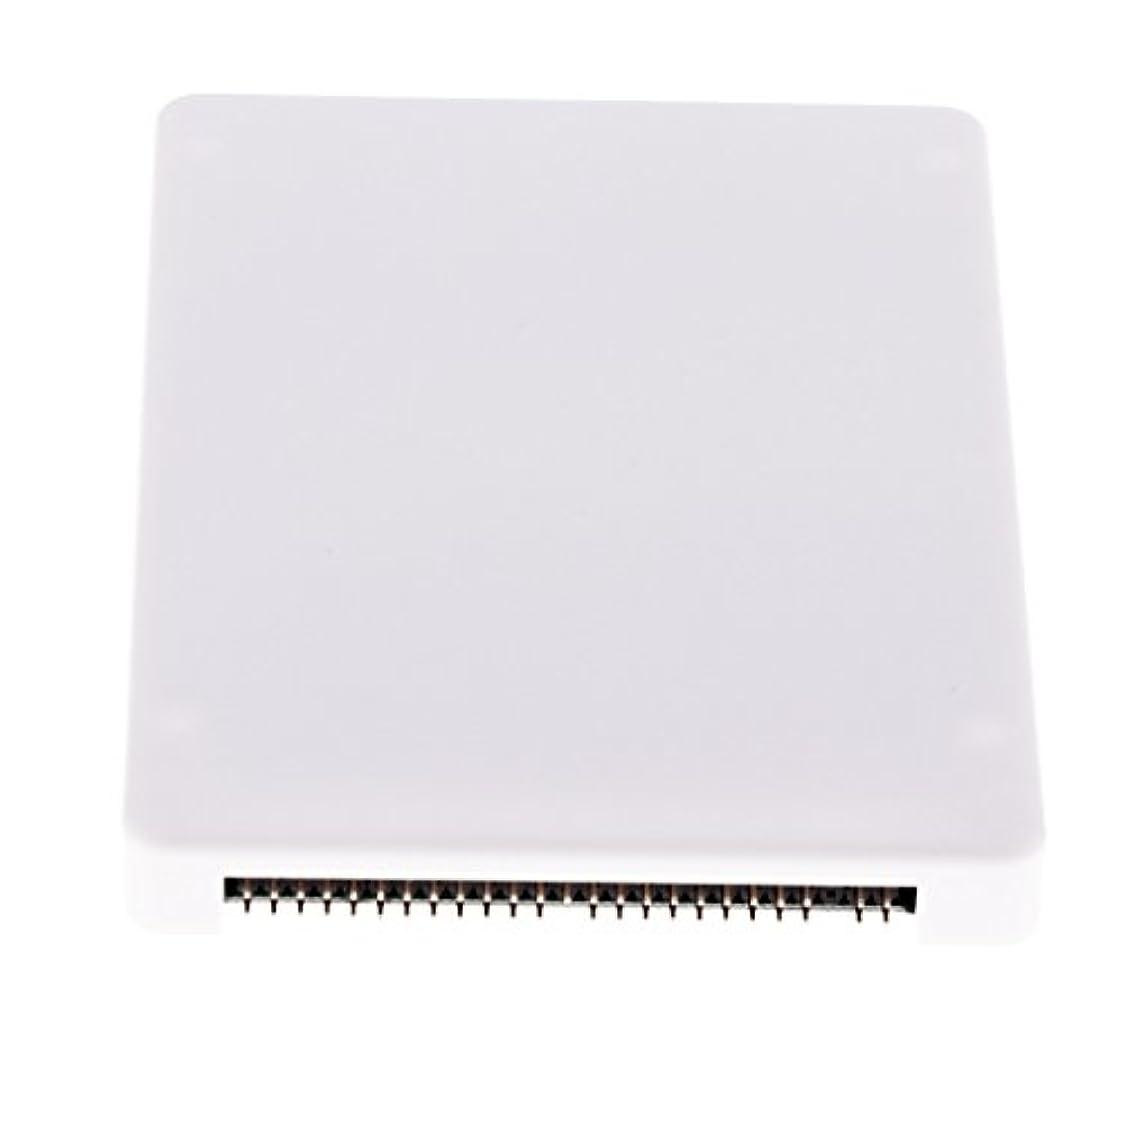 壊滅的な開いた正義KESOTO mSATA SSD to IDE 2.5インチ アダプタカード ソリッドステートドライブ コンバーター ラップトップ PC用